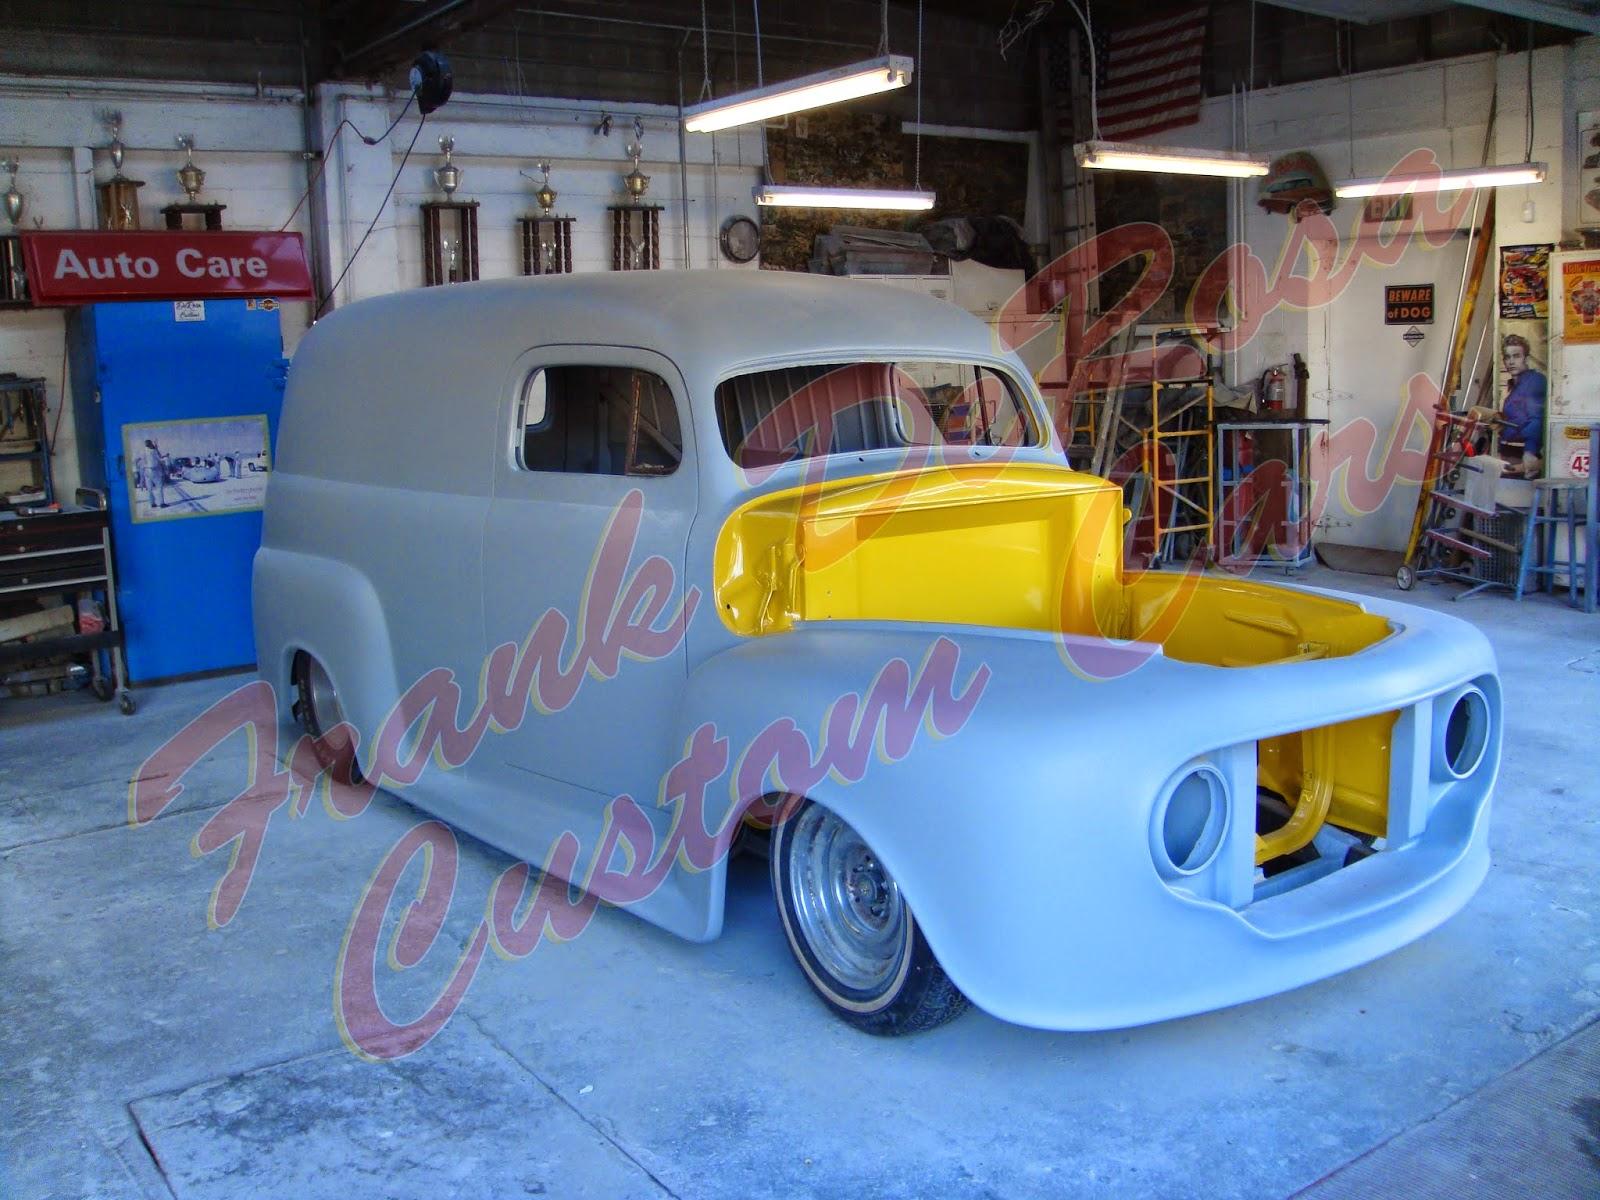 Frank De Rosa Custom Cars Serving Pittsburg CA Since - Pittsburg ca car show